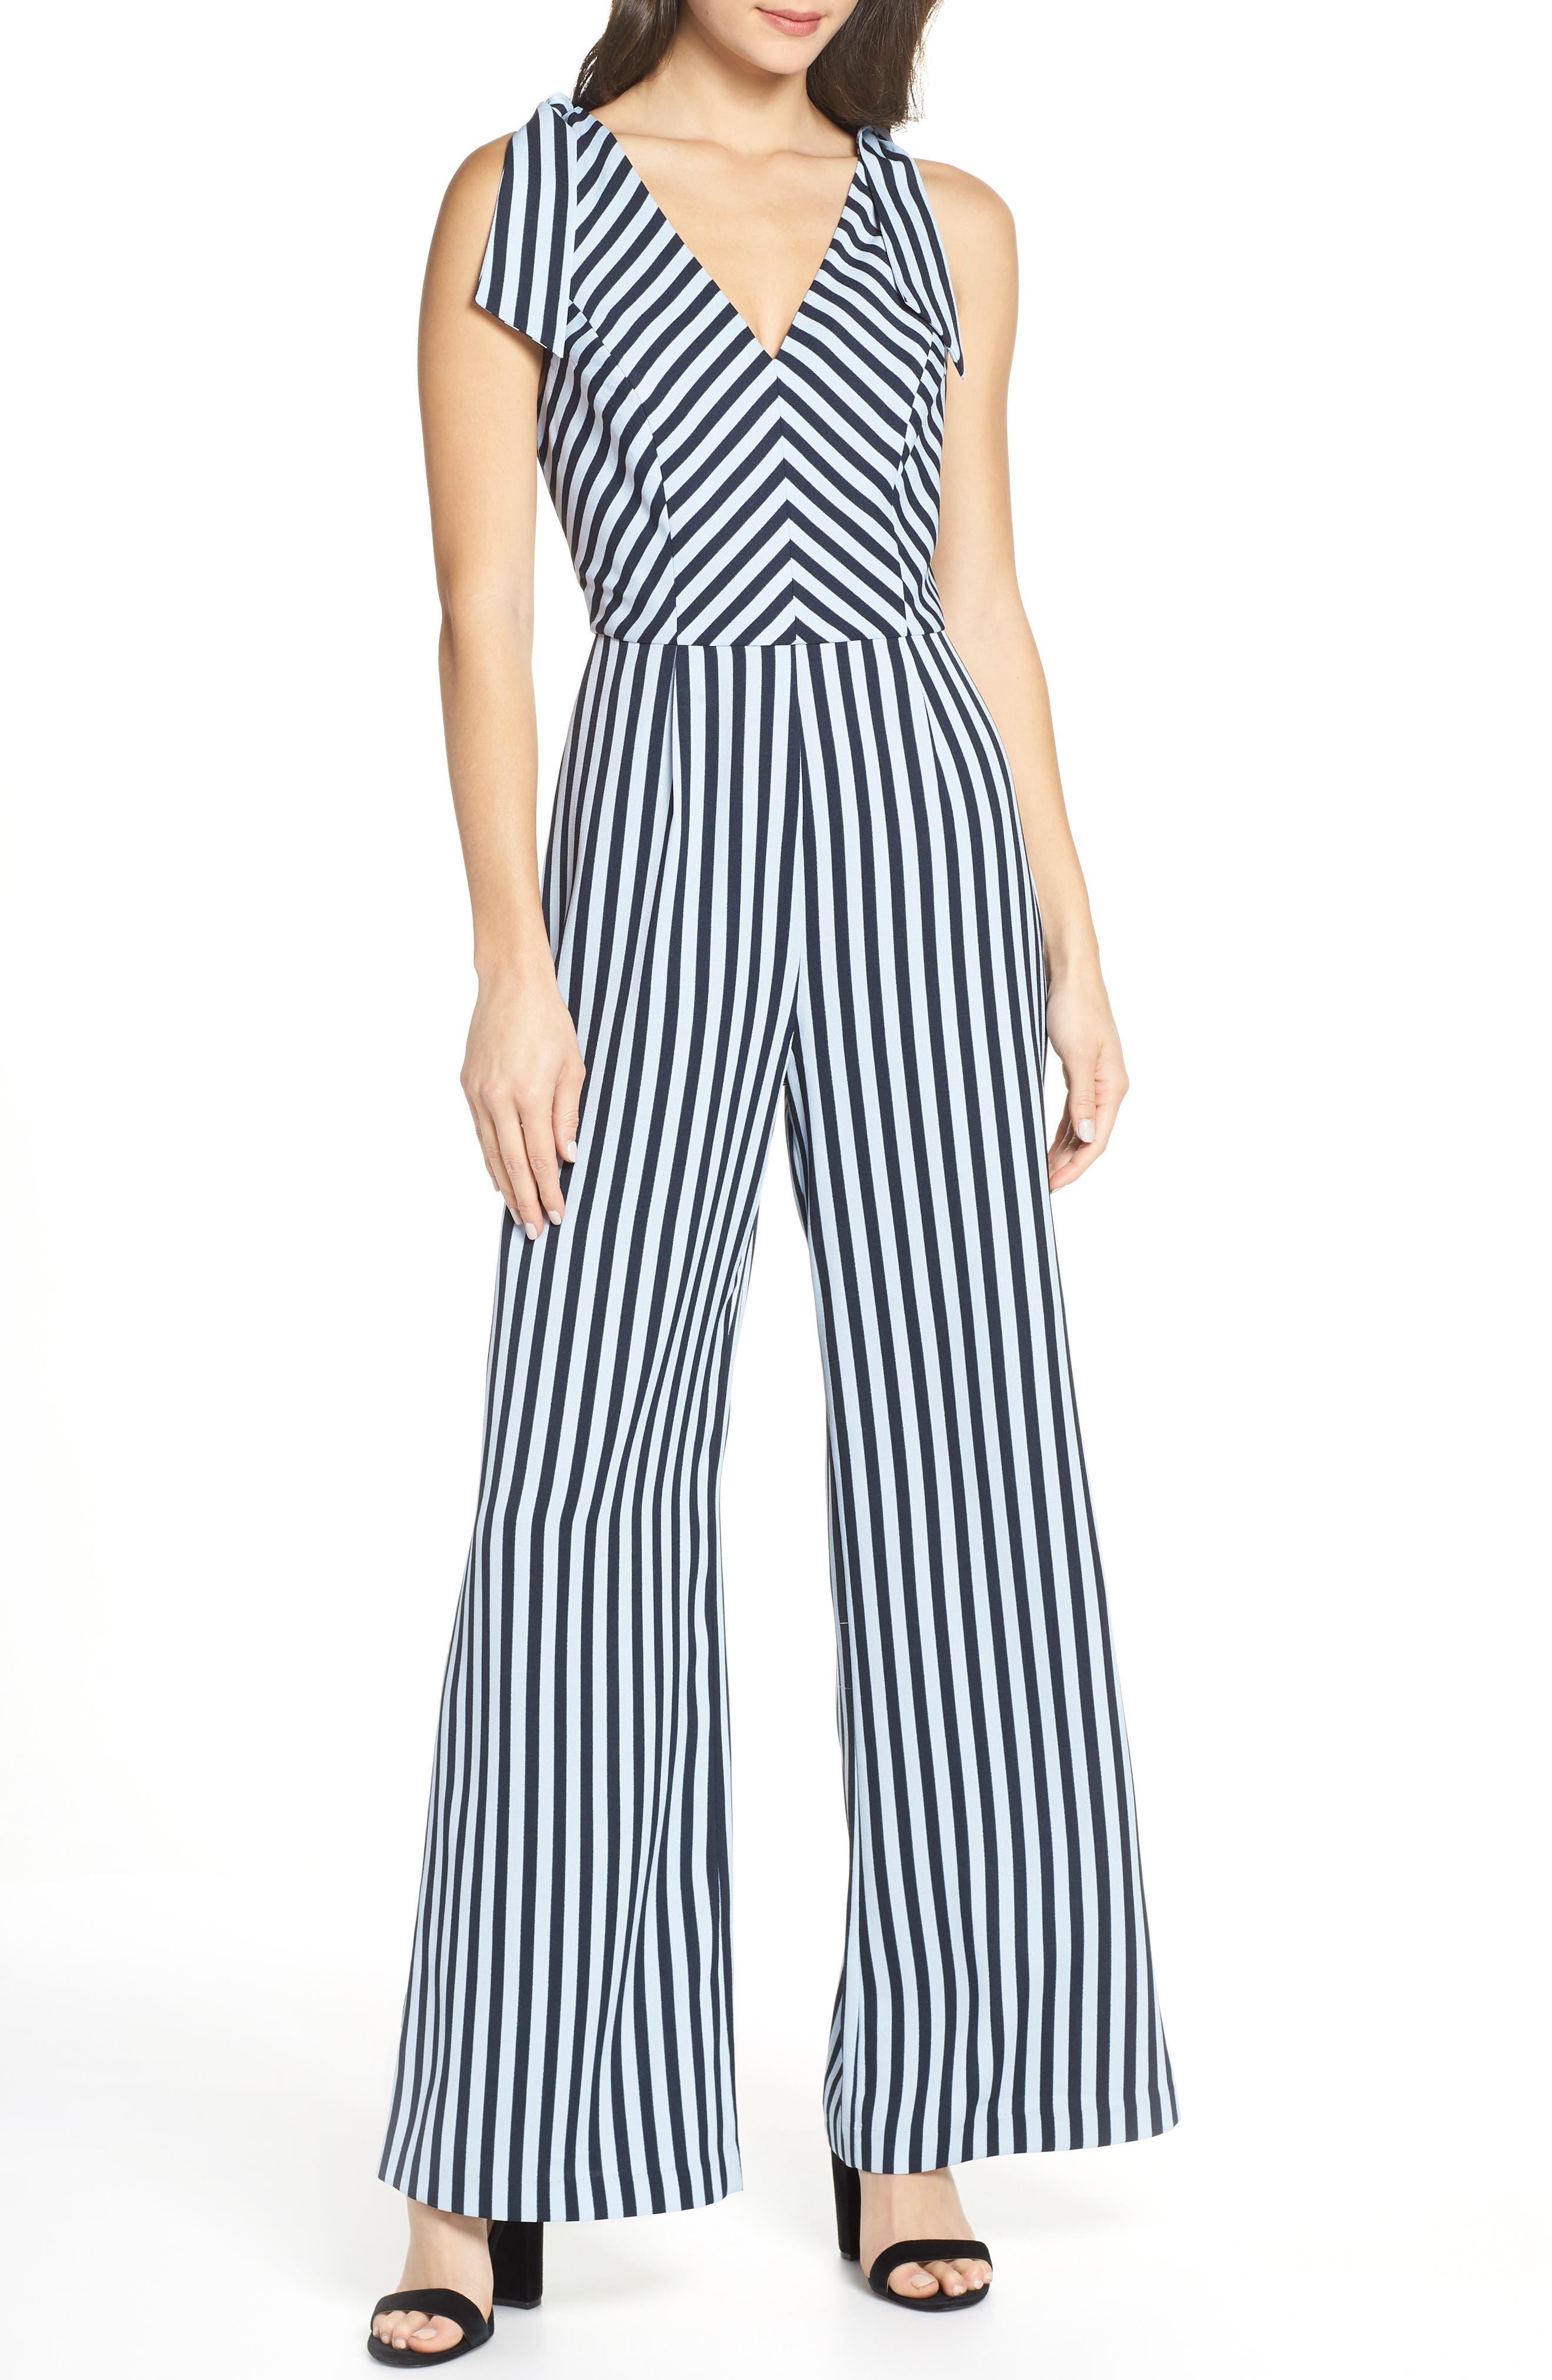 CHARLES HENRY Stripe Tie Shoulder Jumpsuit, Main, color, 400